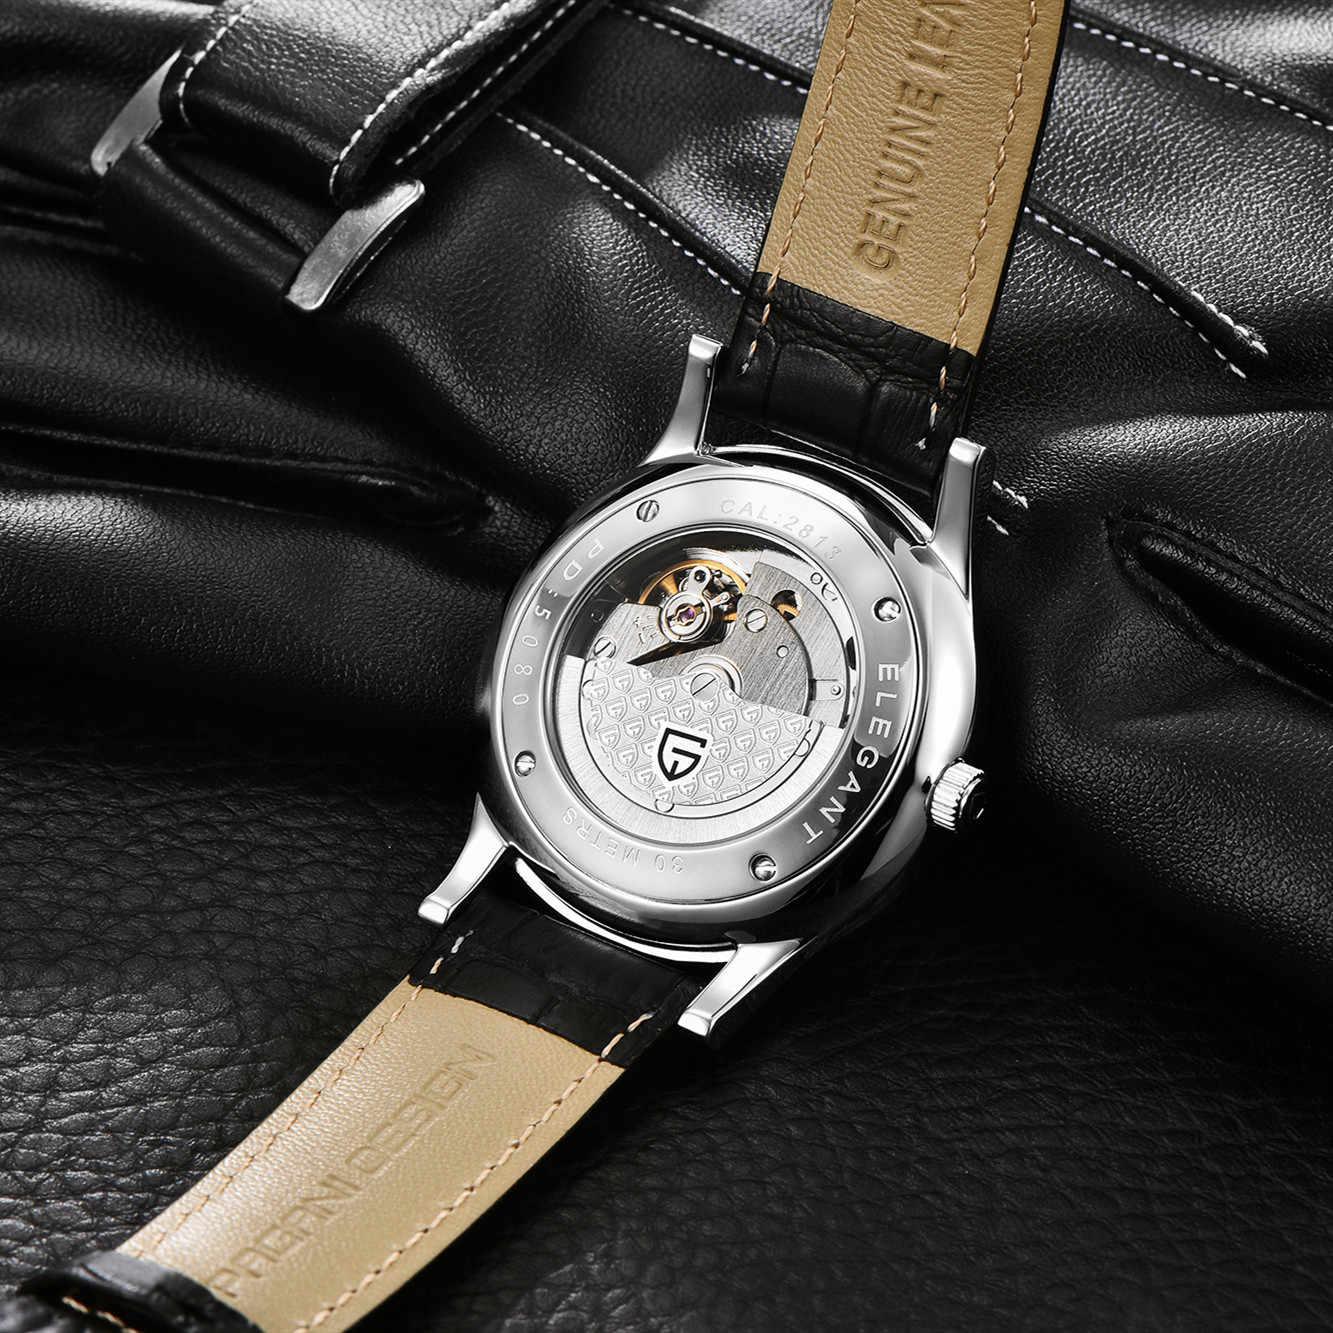 Pagani Desain Pria Bisnis Kasual Mekanis Jam Tangan Tahan Air Merek Mewah Leather Automatic Watch Relogio Masculino + Kotak